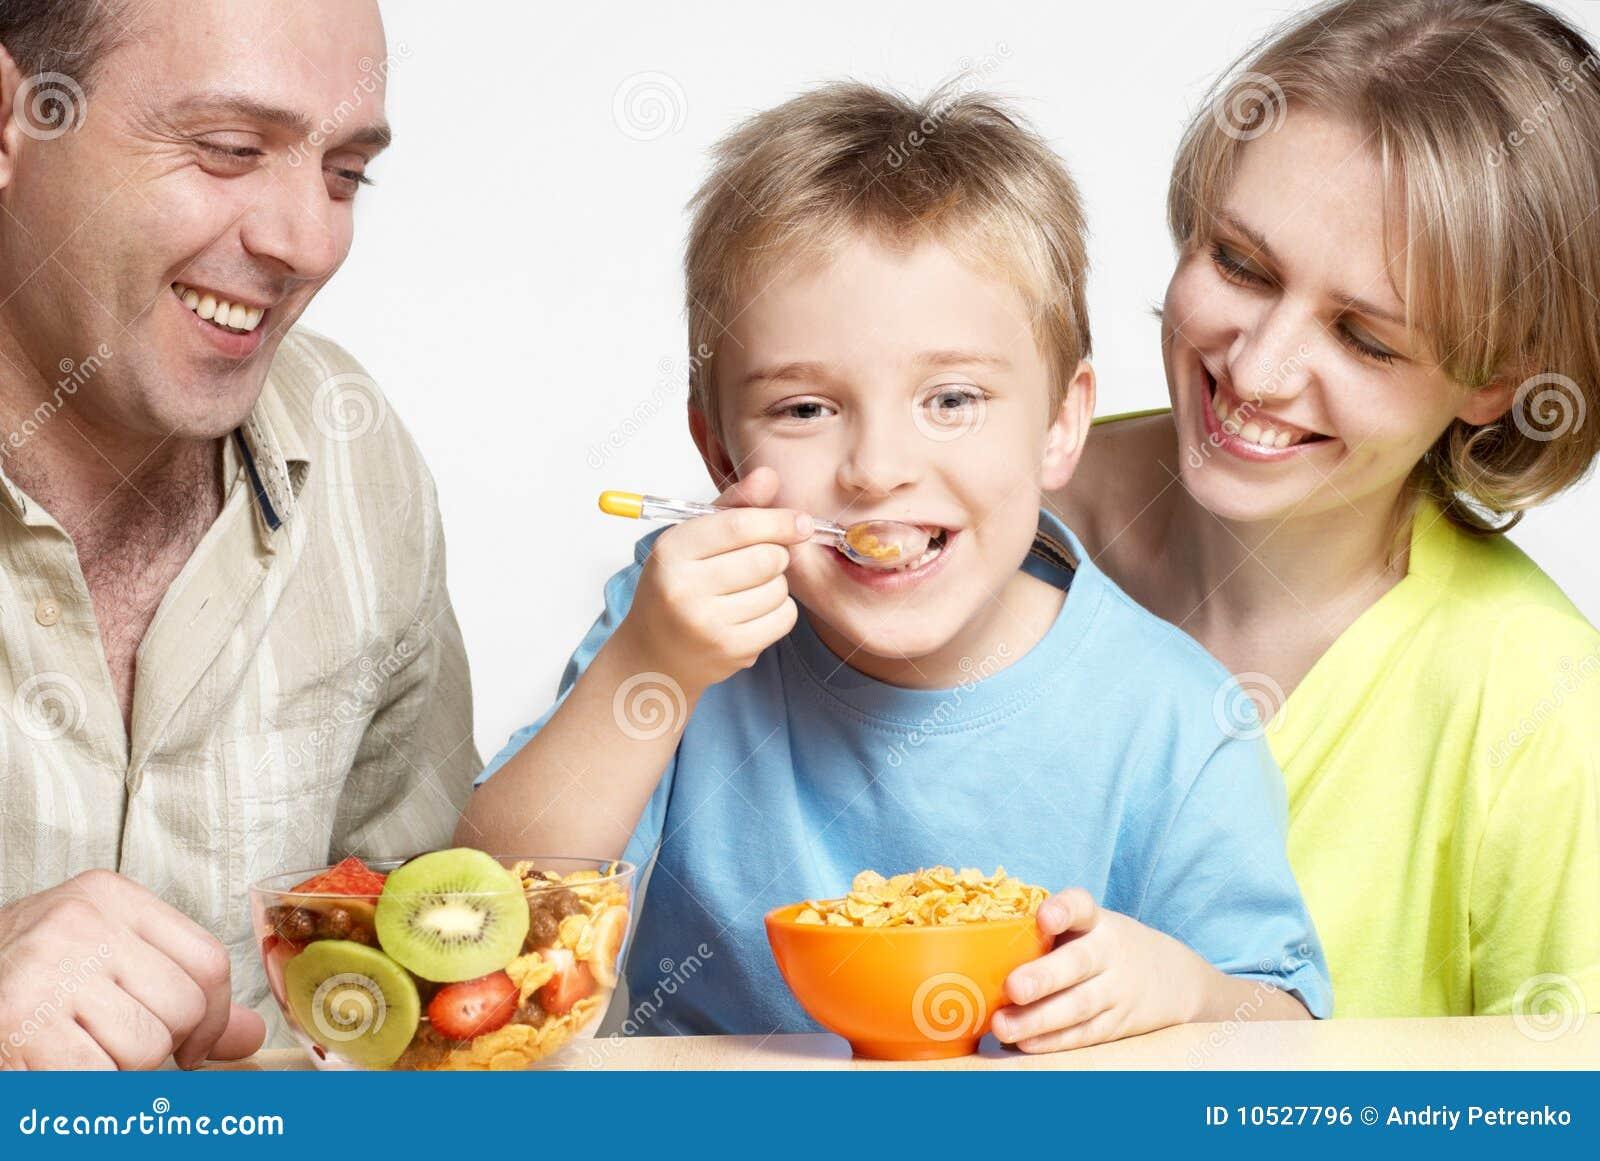 The happy family has breakfast